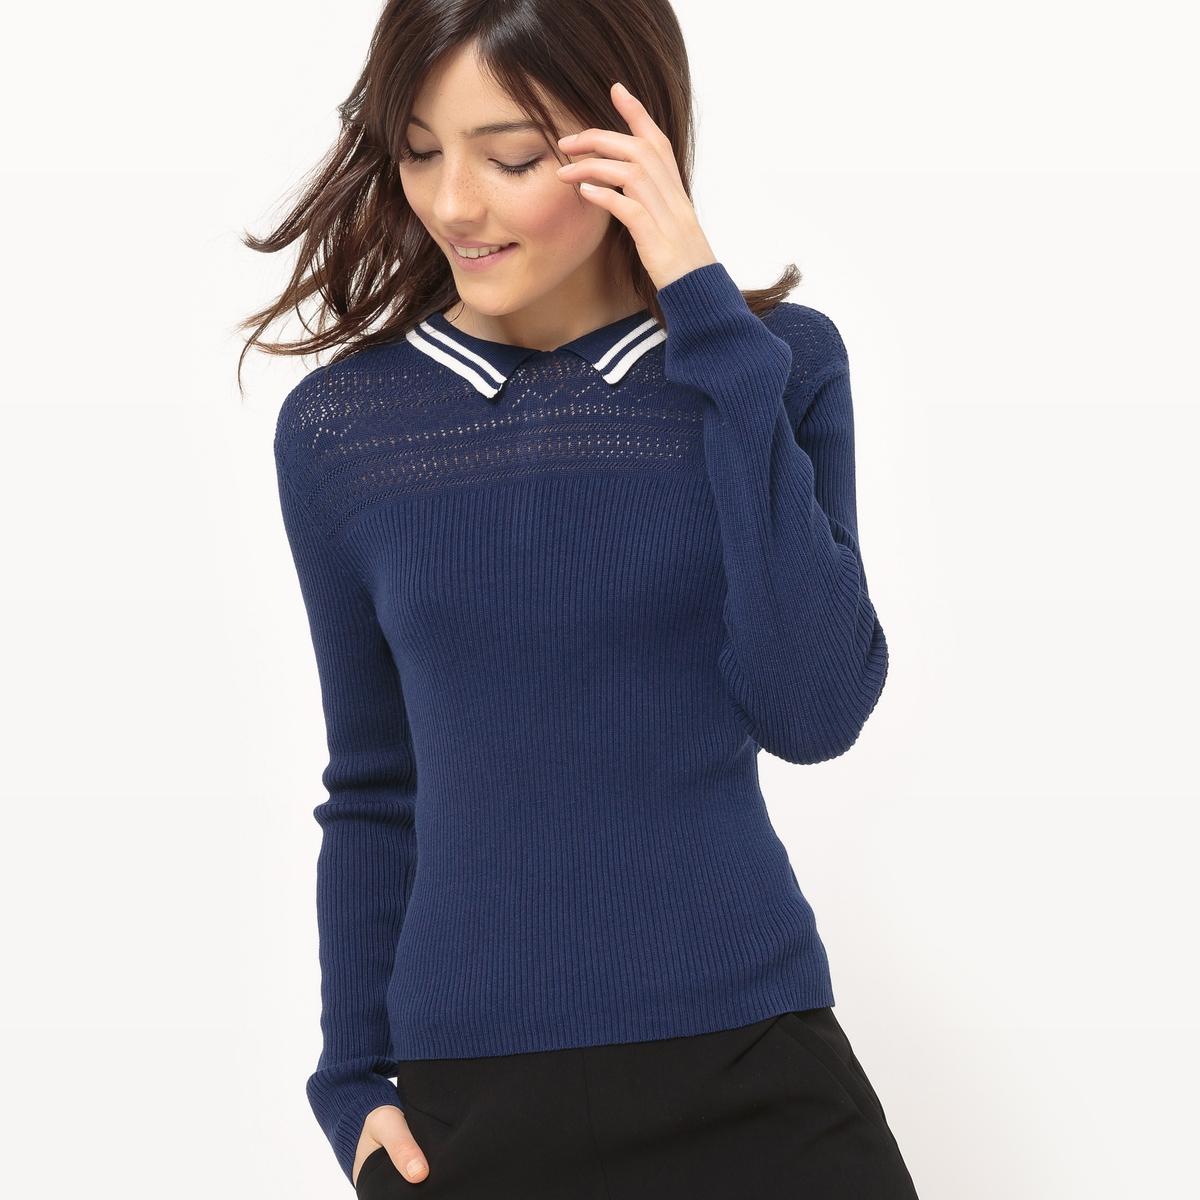 Пуловер с воротником поло из хлопкаДетали  •  Классическая модель •  Длинные рукава •  Воротник-поло, рубашечный •  Тонкий трикотажСостав и уход •  50% хлопка, 50% модала •  Следуйте советам по уходу, указанным на этикетке<br><br>Цвет: красный,темно-синий<br>Размер: XL.L.M.S.XL